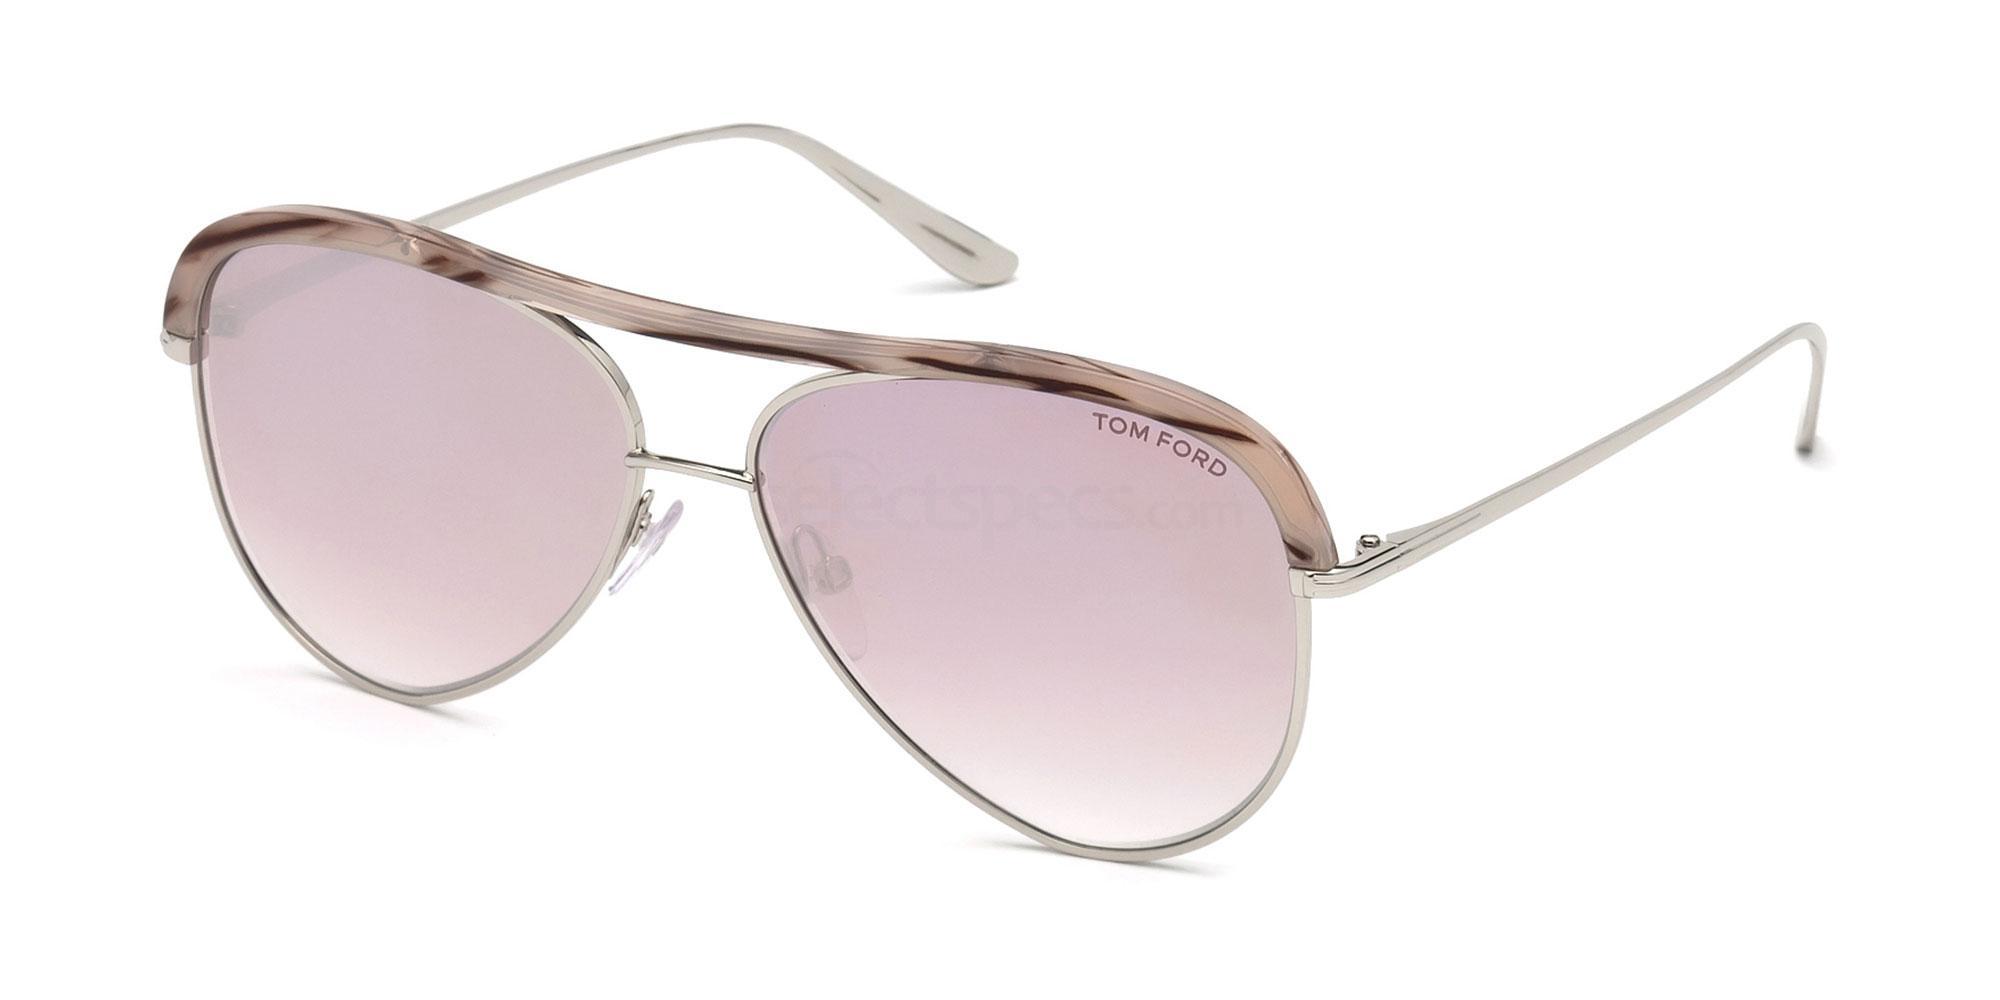 16Z FT0606 Sunglasses, Tom Ford